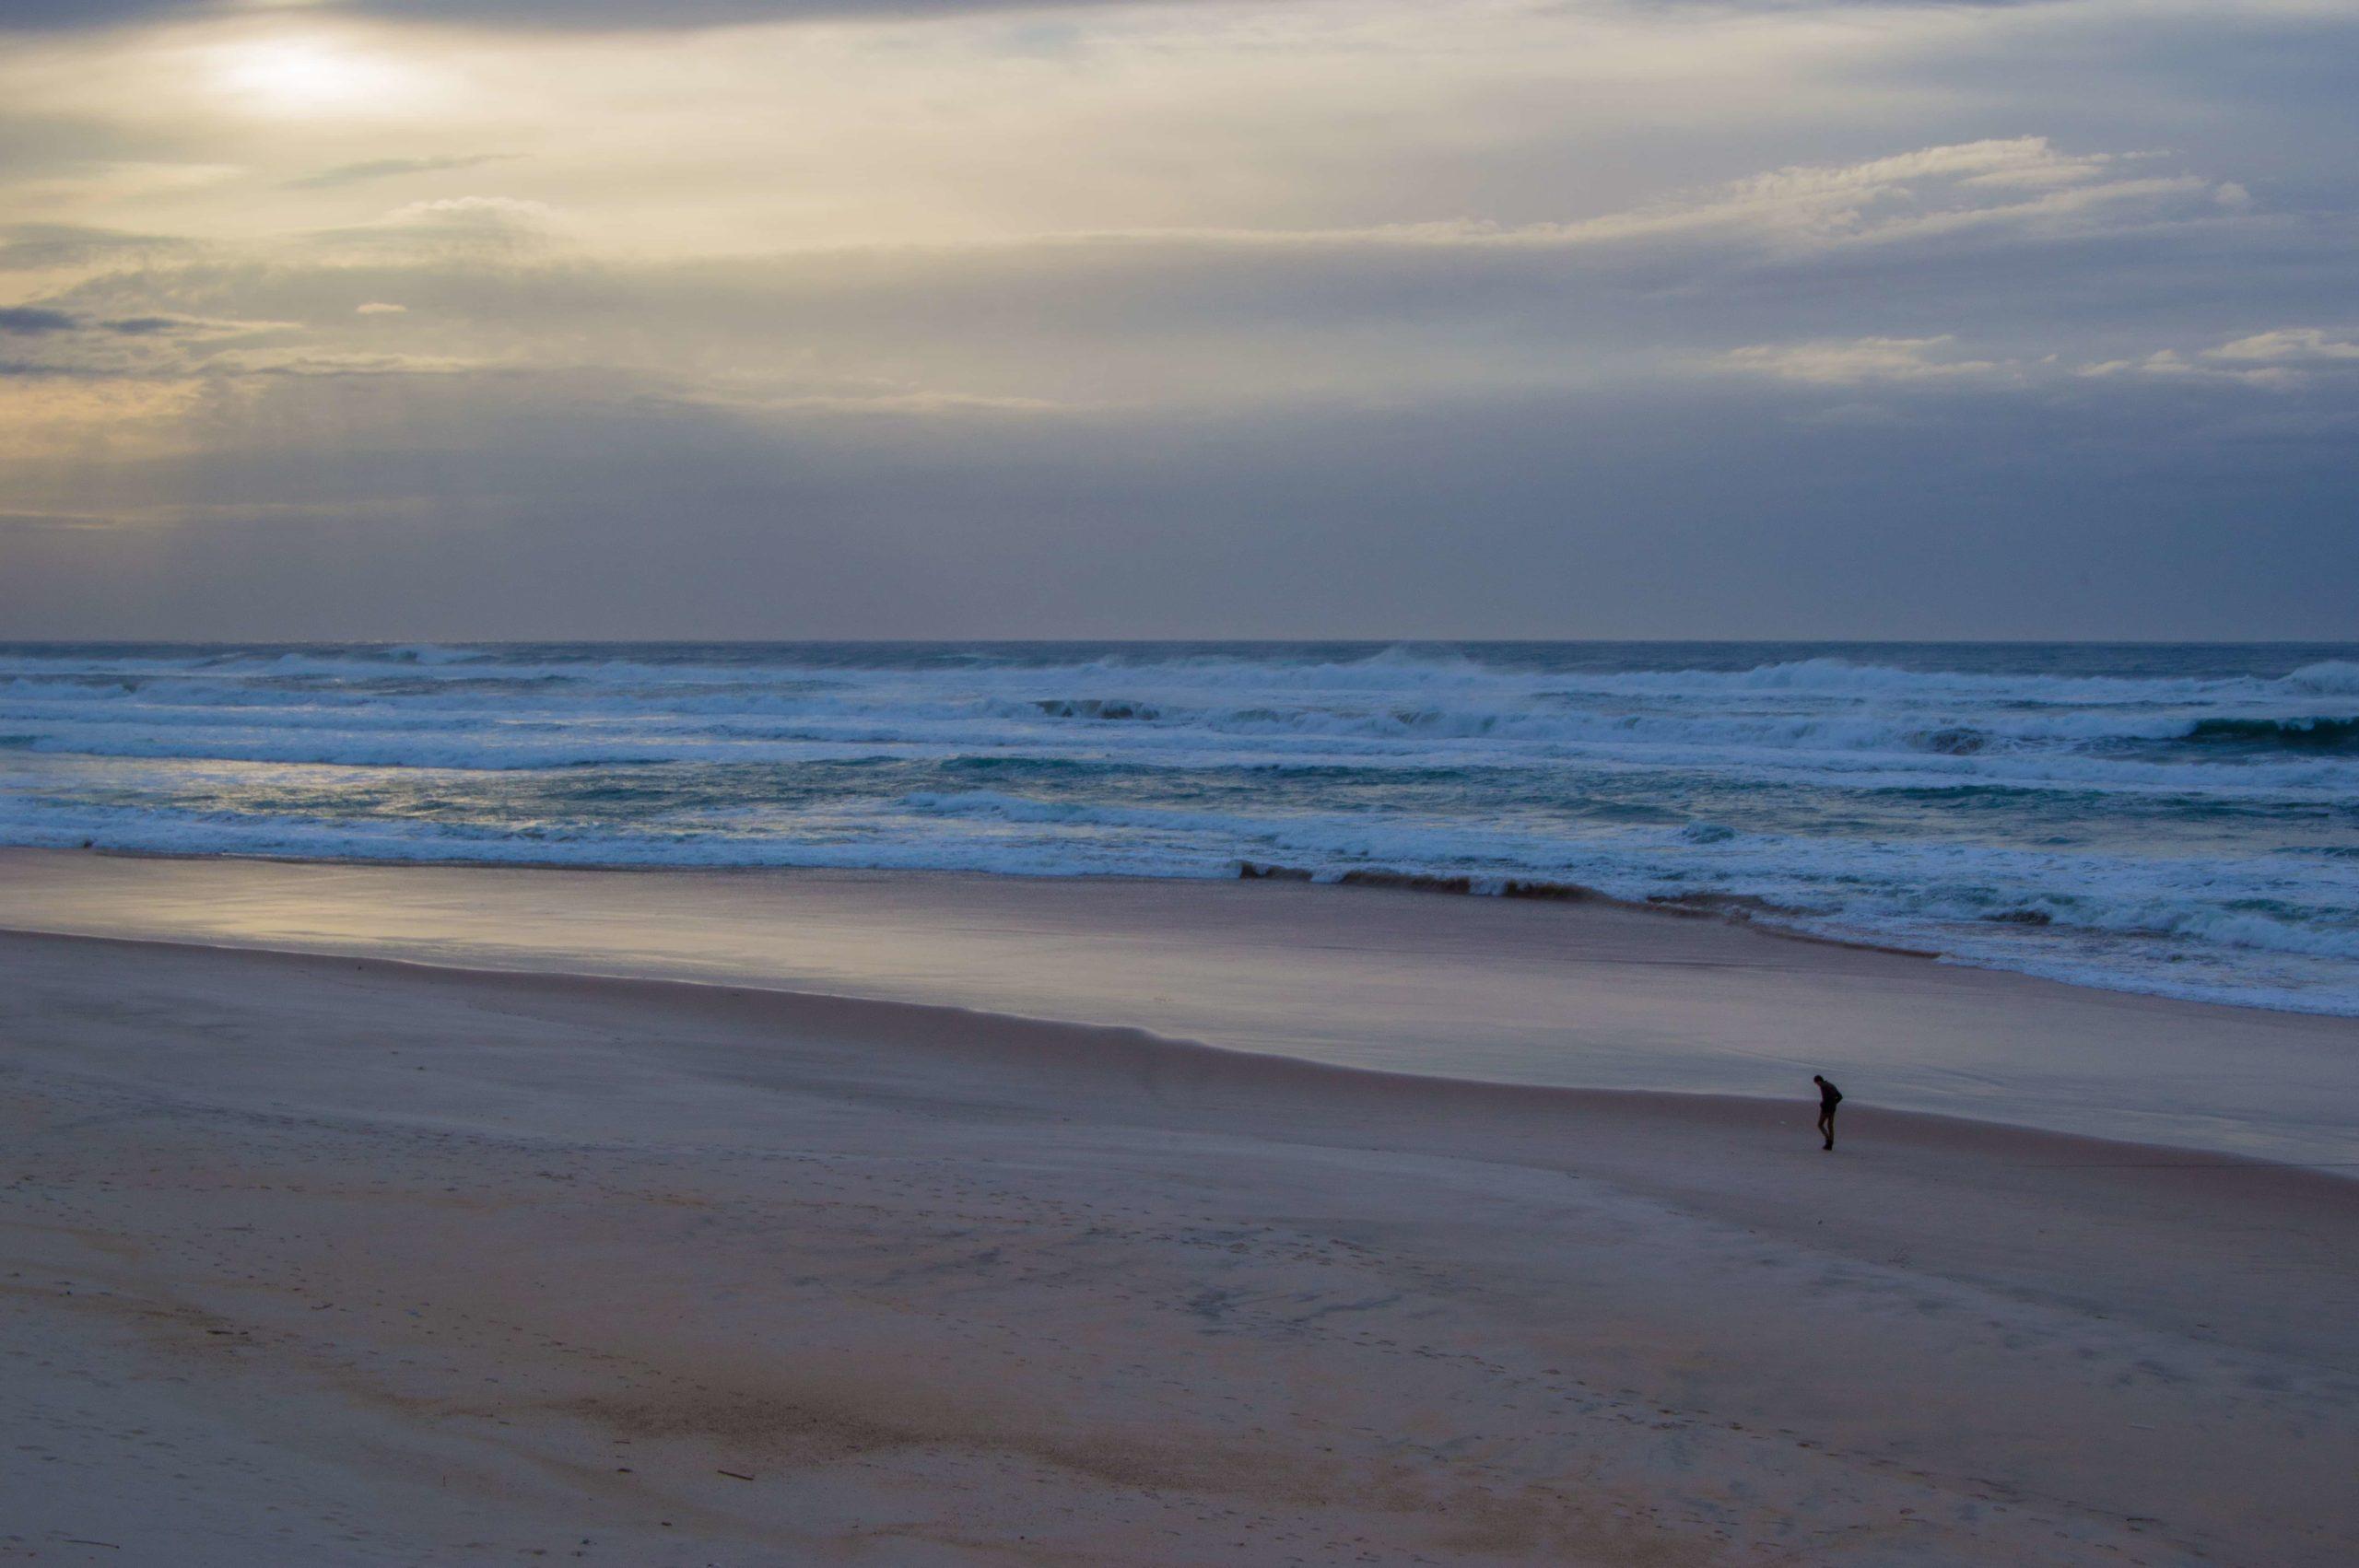 独り浜辺を歩く男性